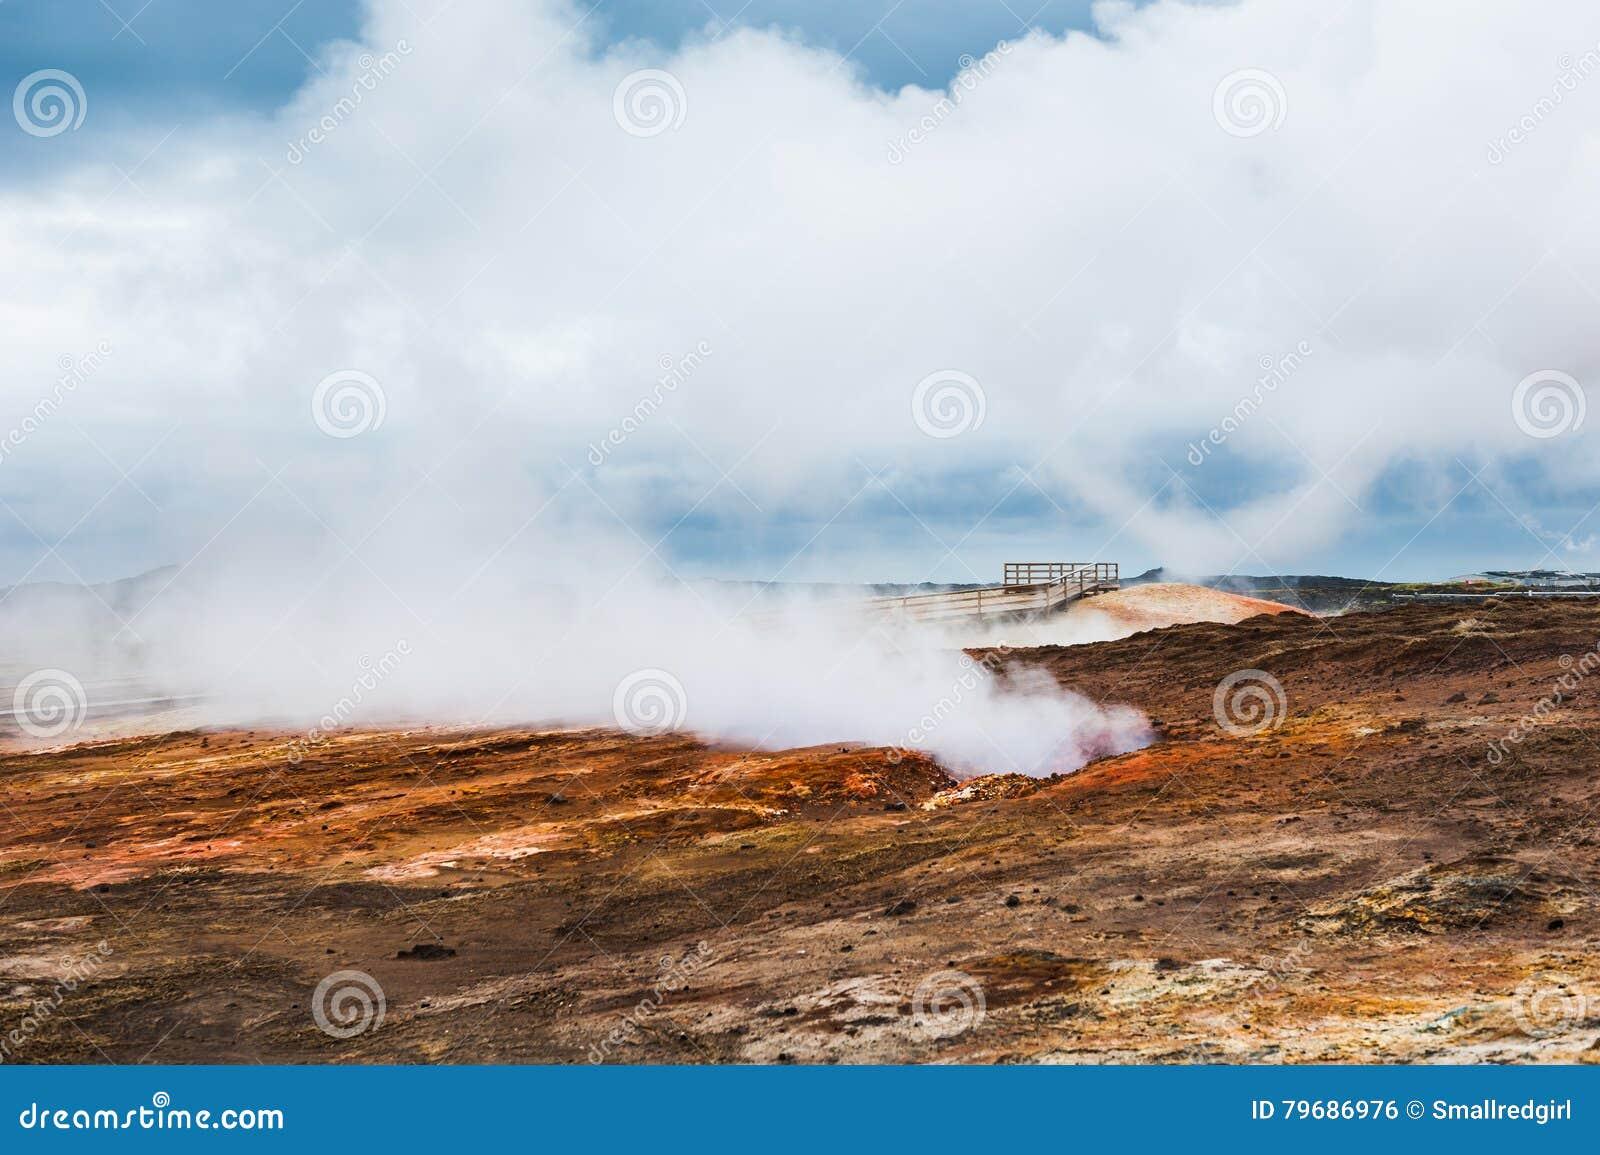 Gunnuhver geothermisch gebied in IJsland